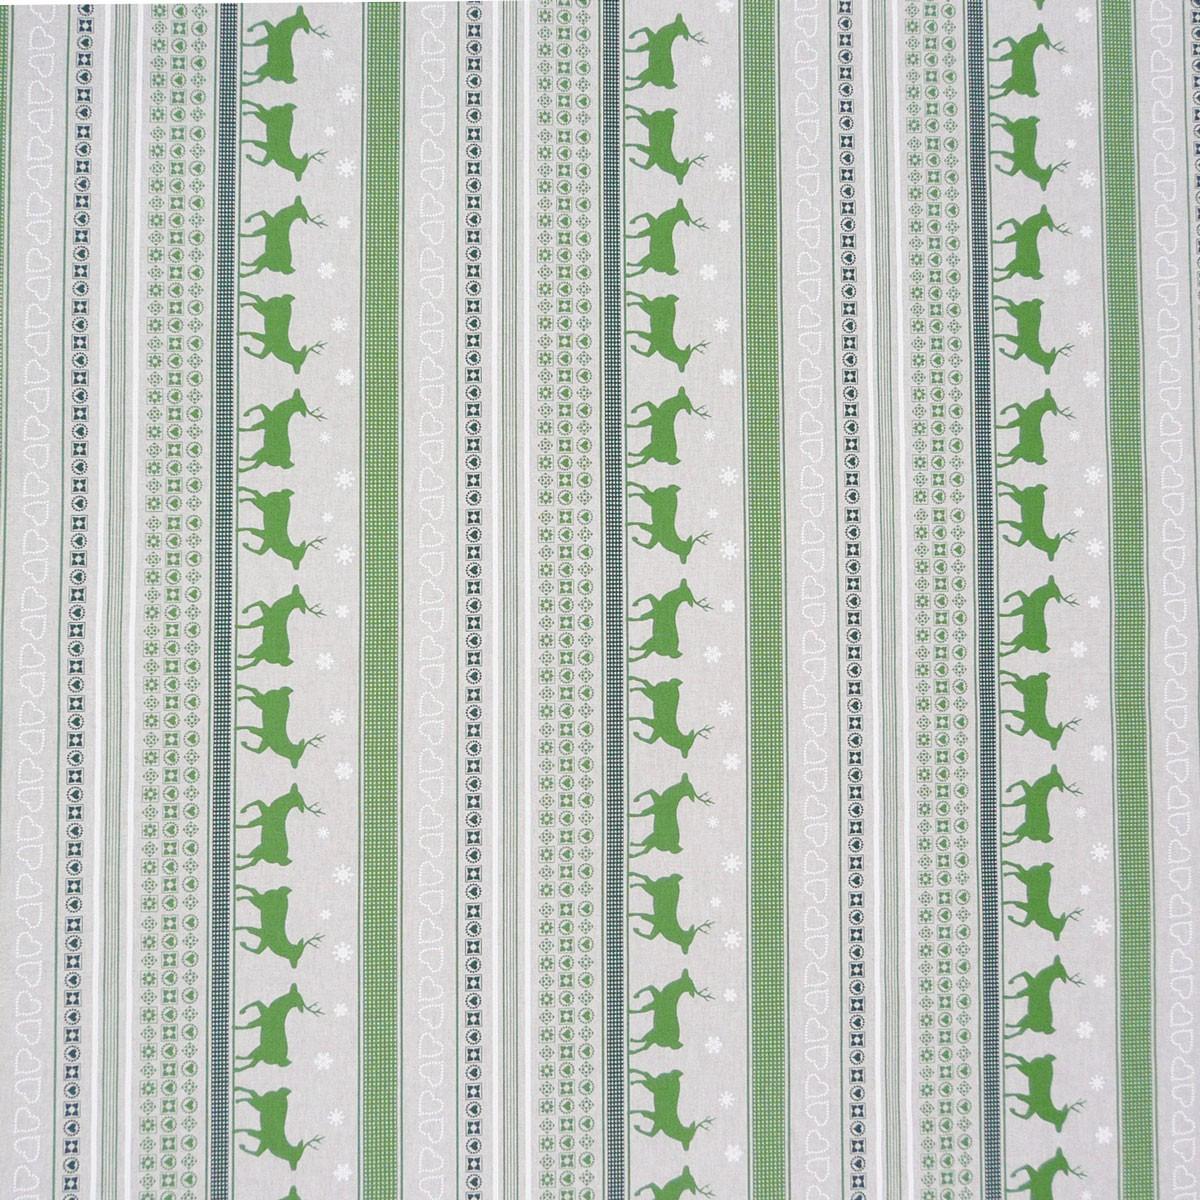 Dekostoff Stoff Dekostoff Meterware Rentiere Streifen grün Weihnachten